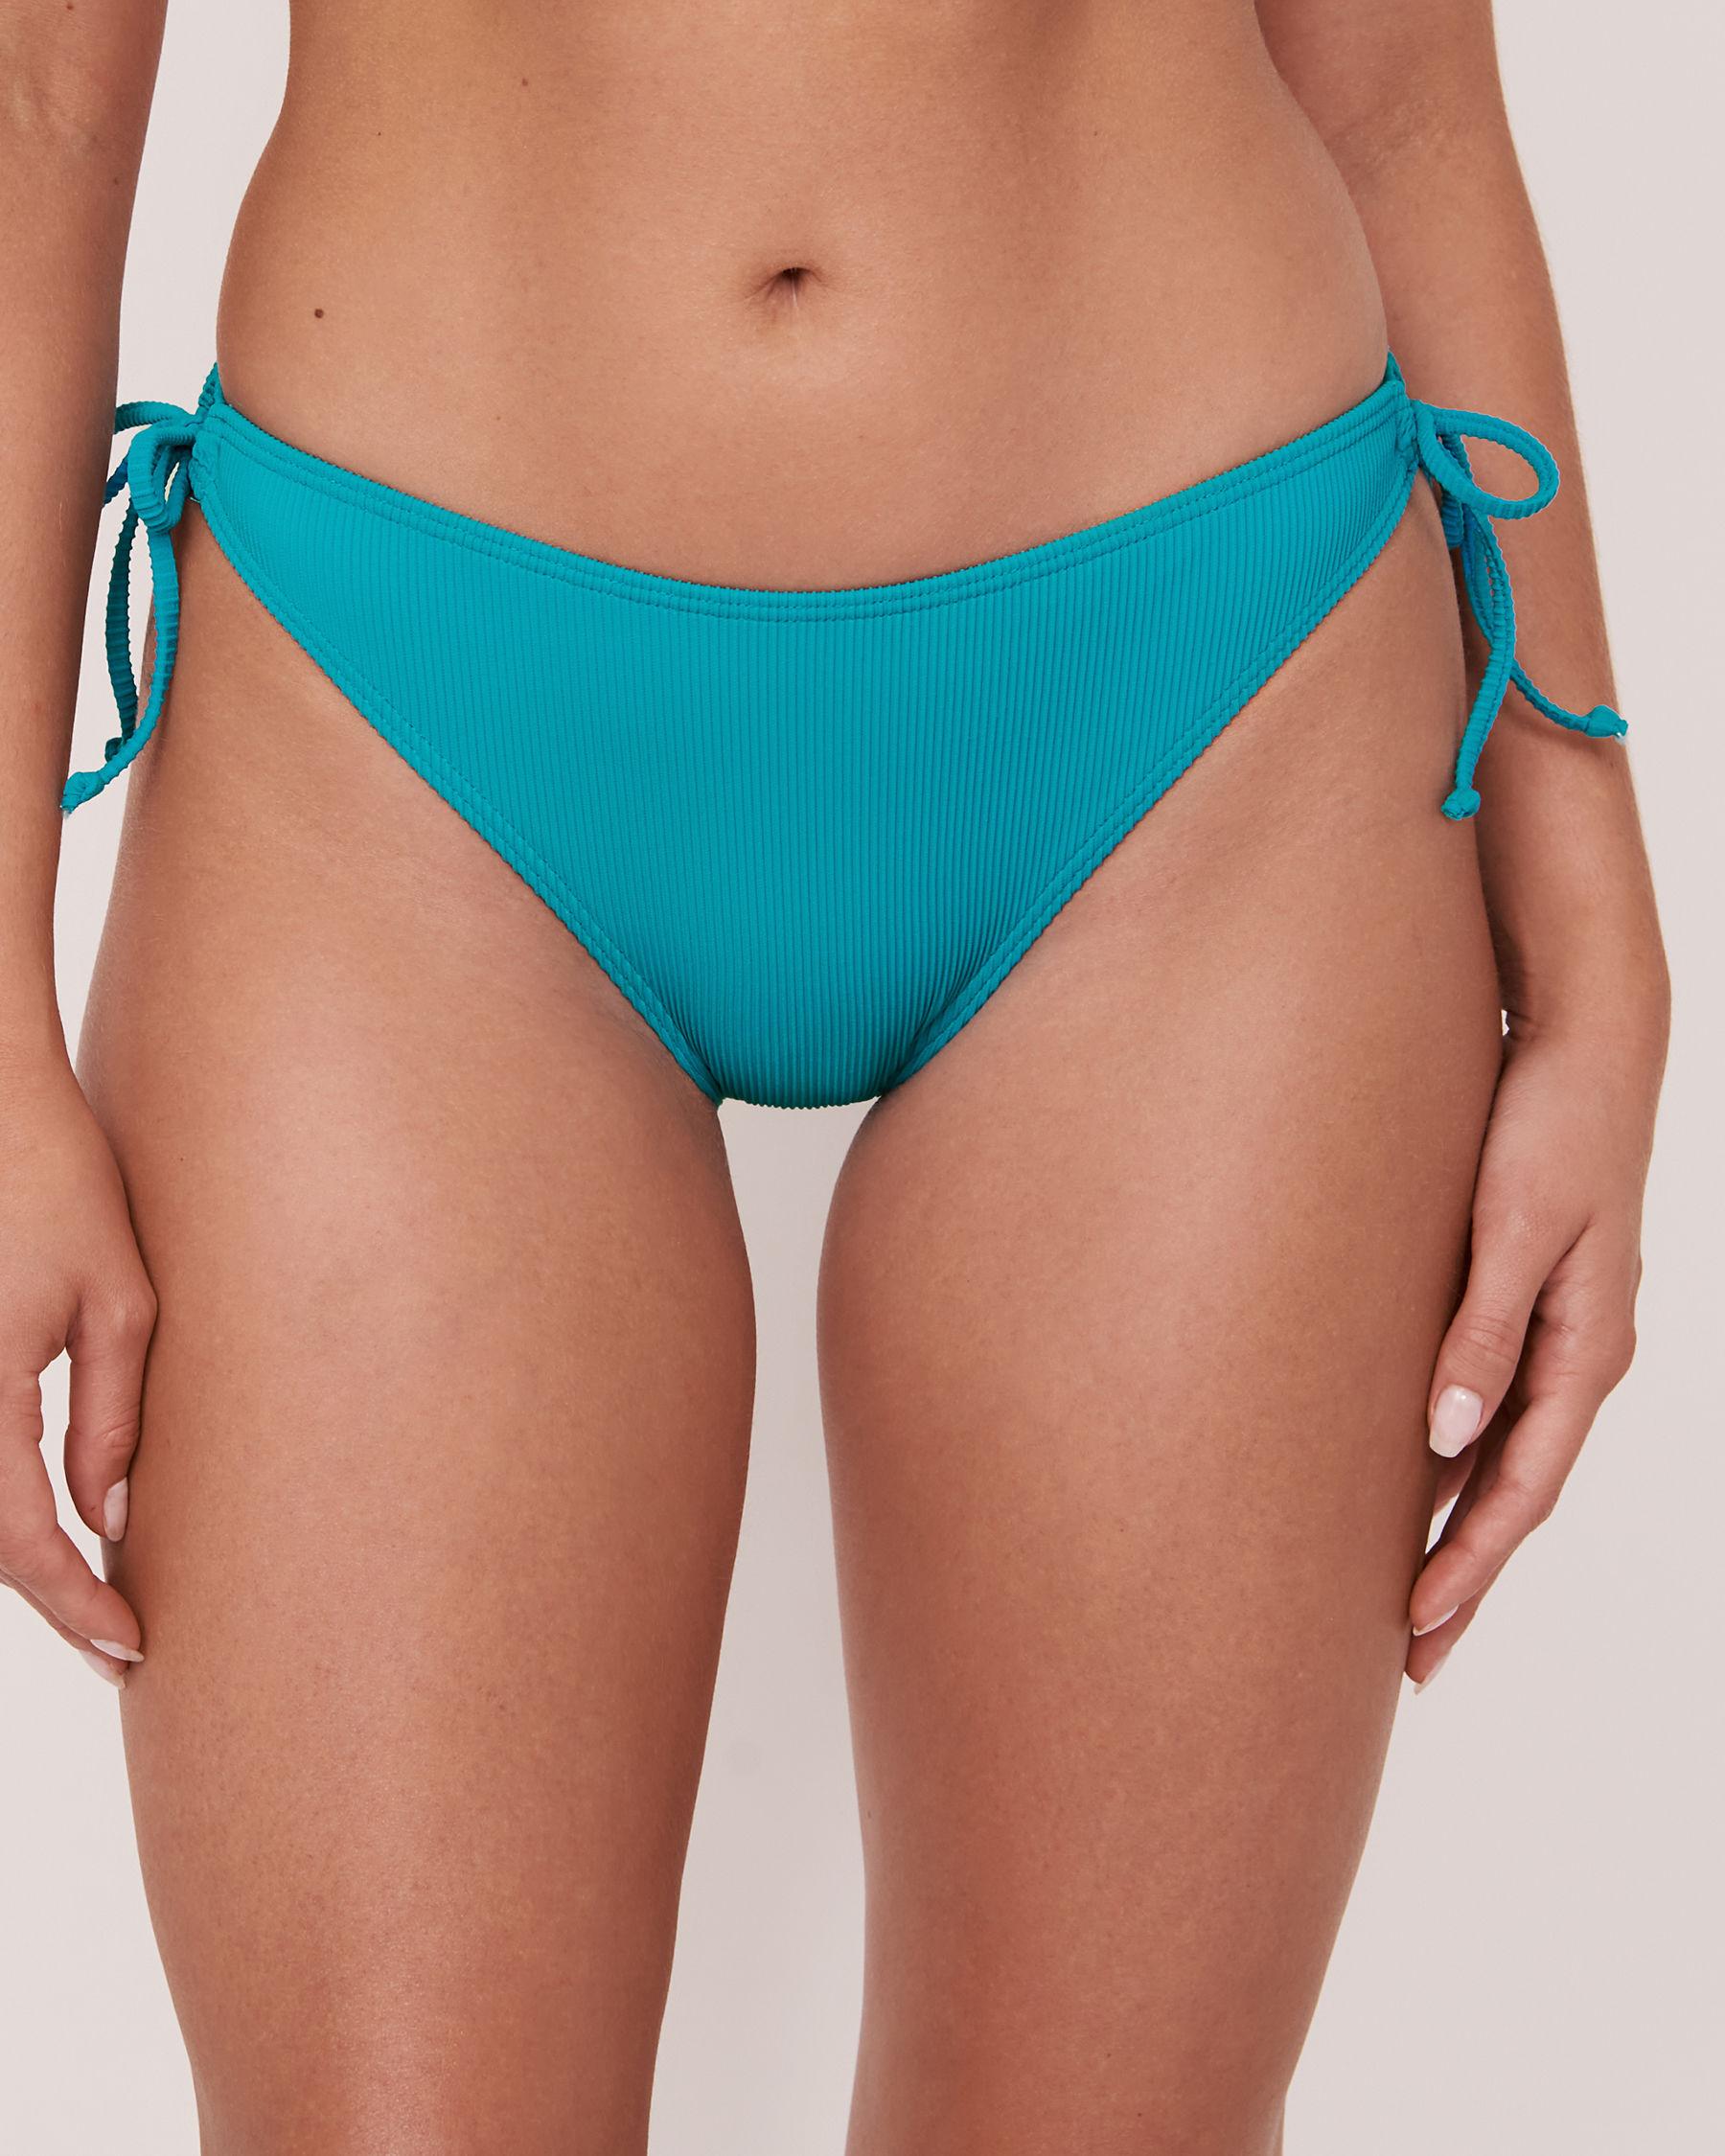 LA VIE EN ROSE AQUA Bas de bikini noué aux hanches en fibres recyclées TOOTSIE RIB Bleu 70300064 - Voir1